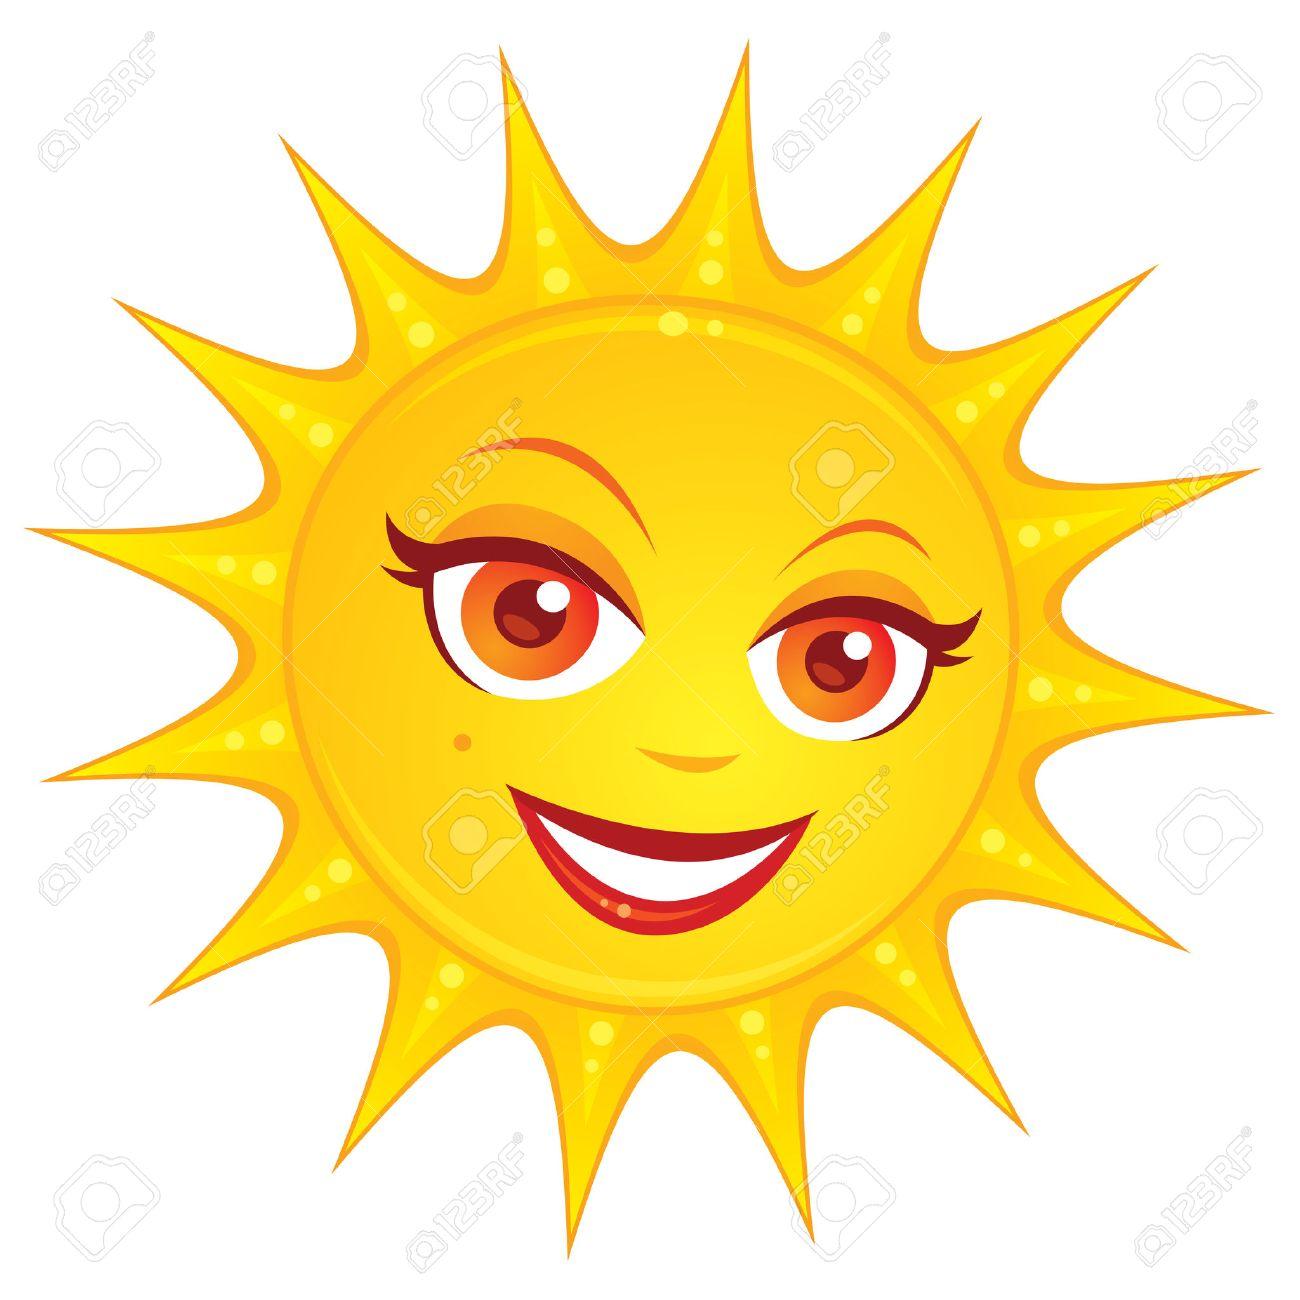 Ilustración de dibujos animados de vectores de un sol sonriente de verano  con una cara muy femenina.